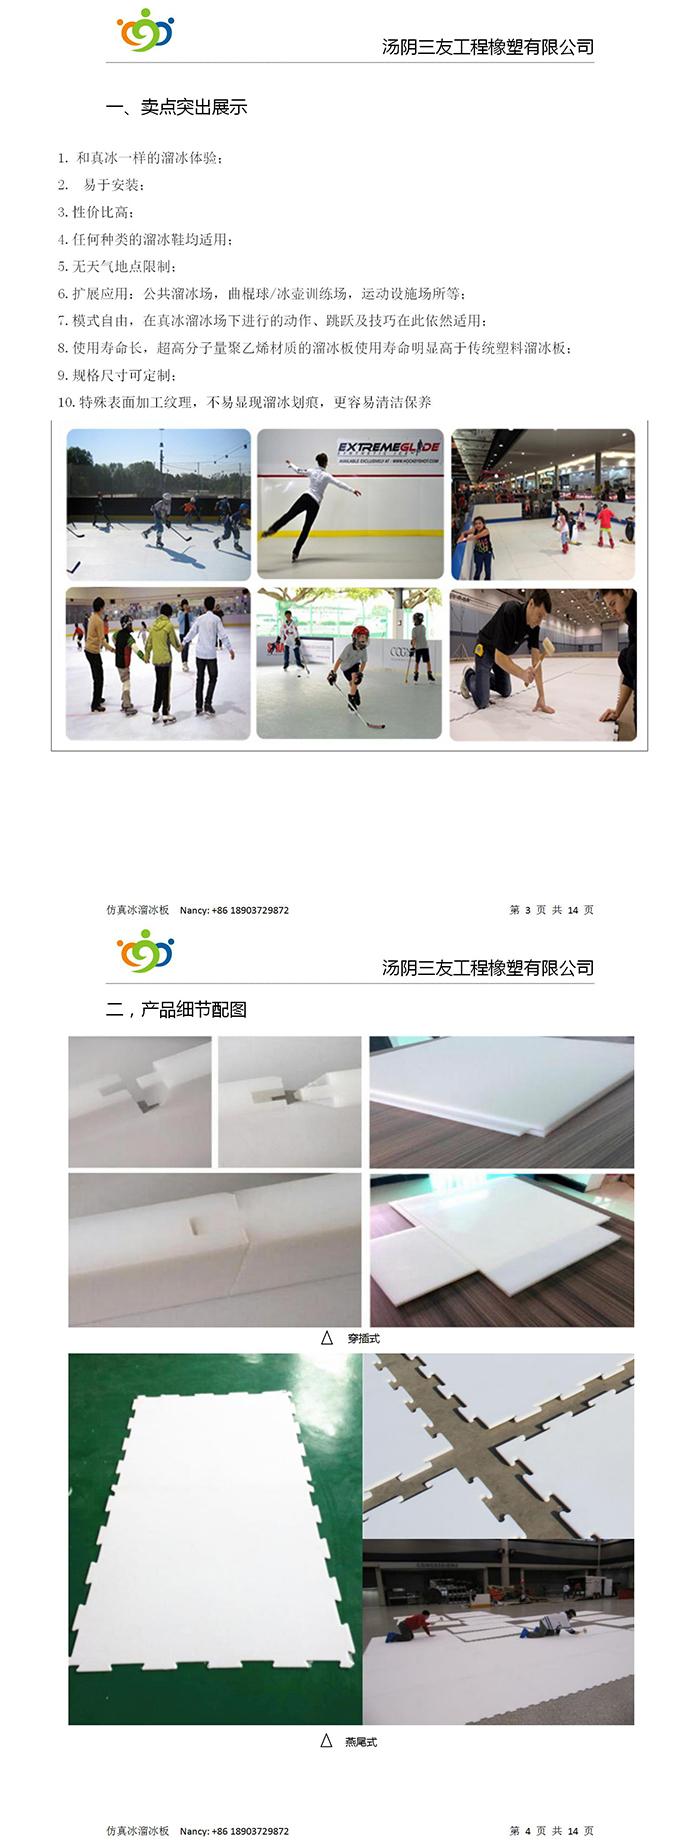 溜冰板详情-李路路20190126_02